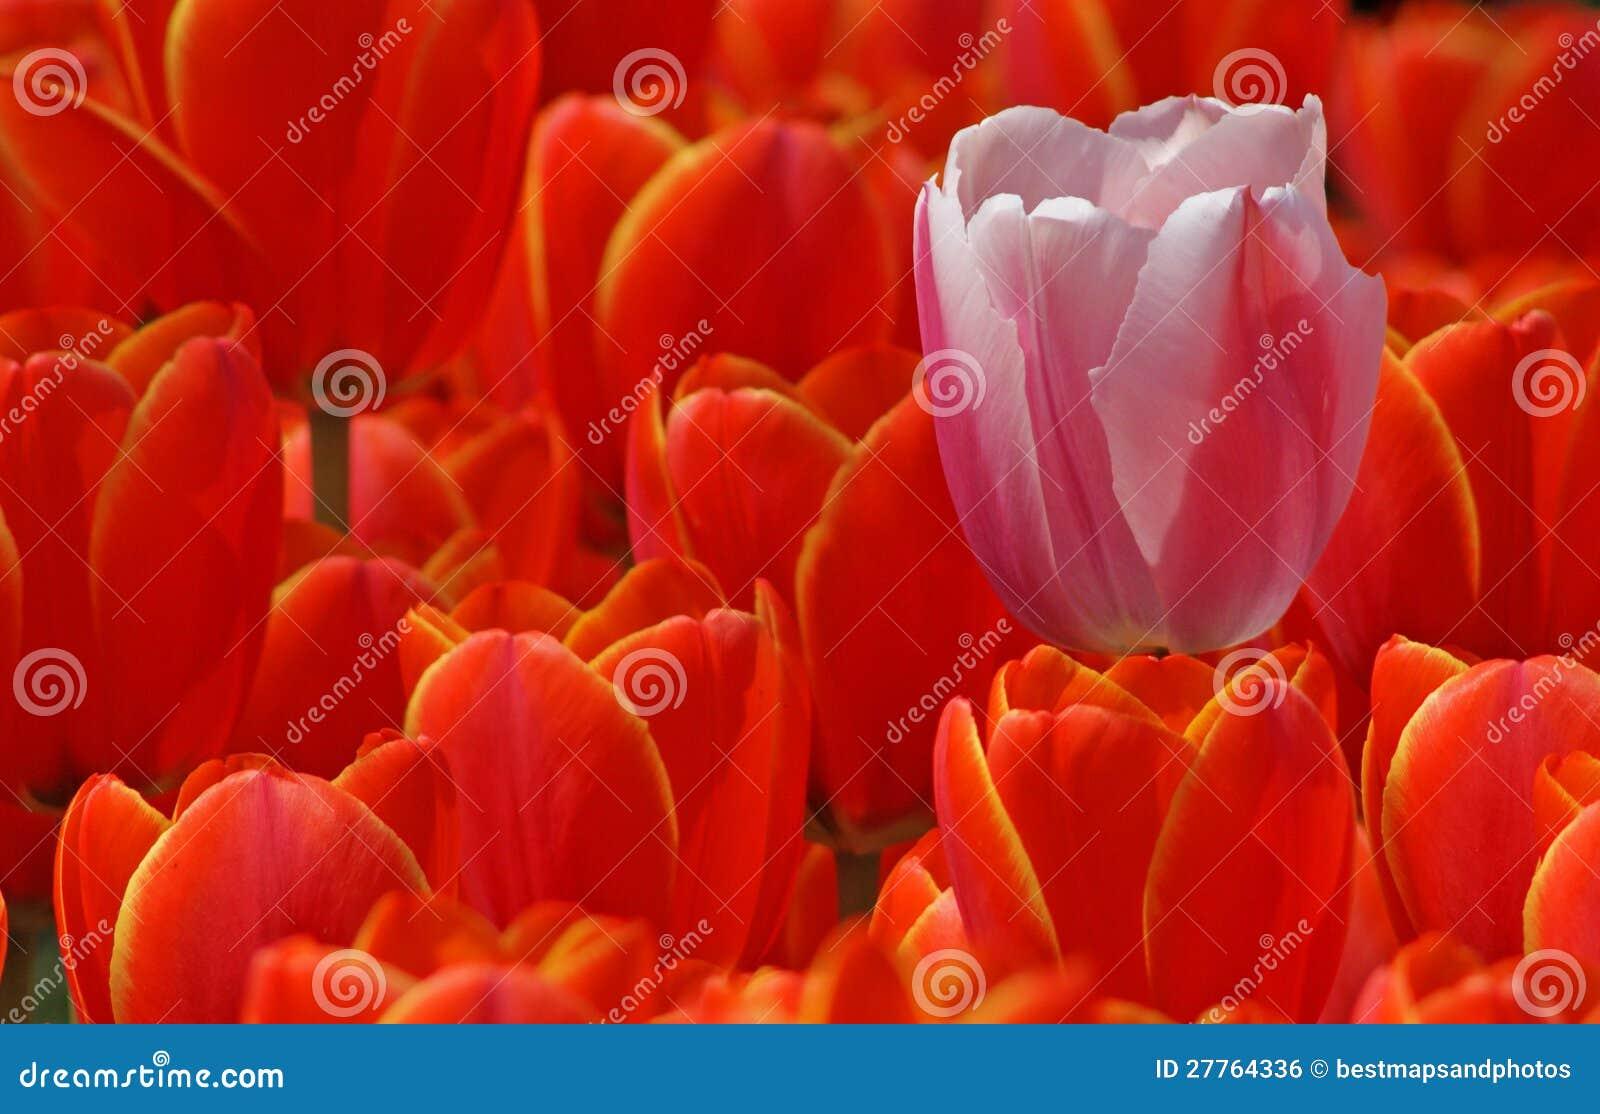 Tulipe rose et rouge ceux